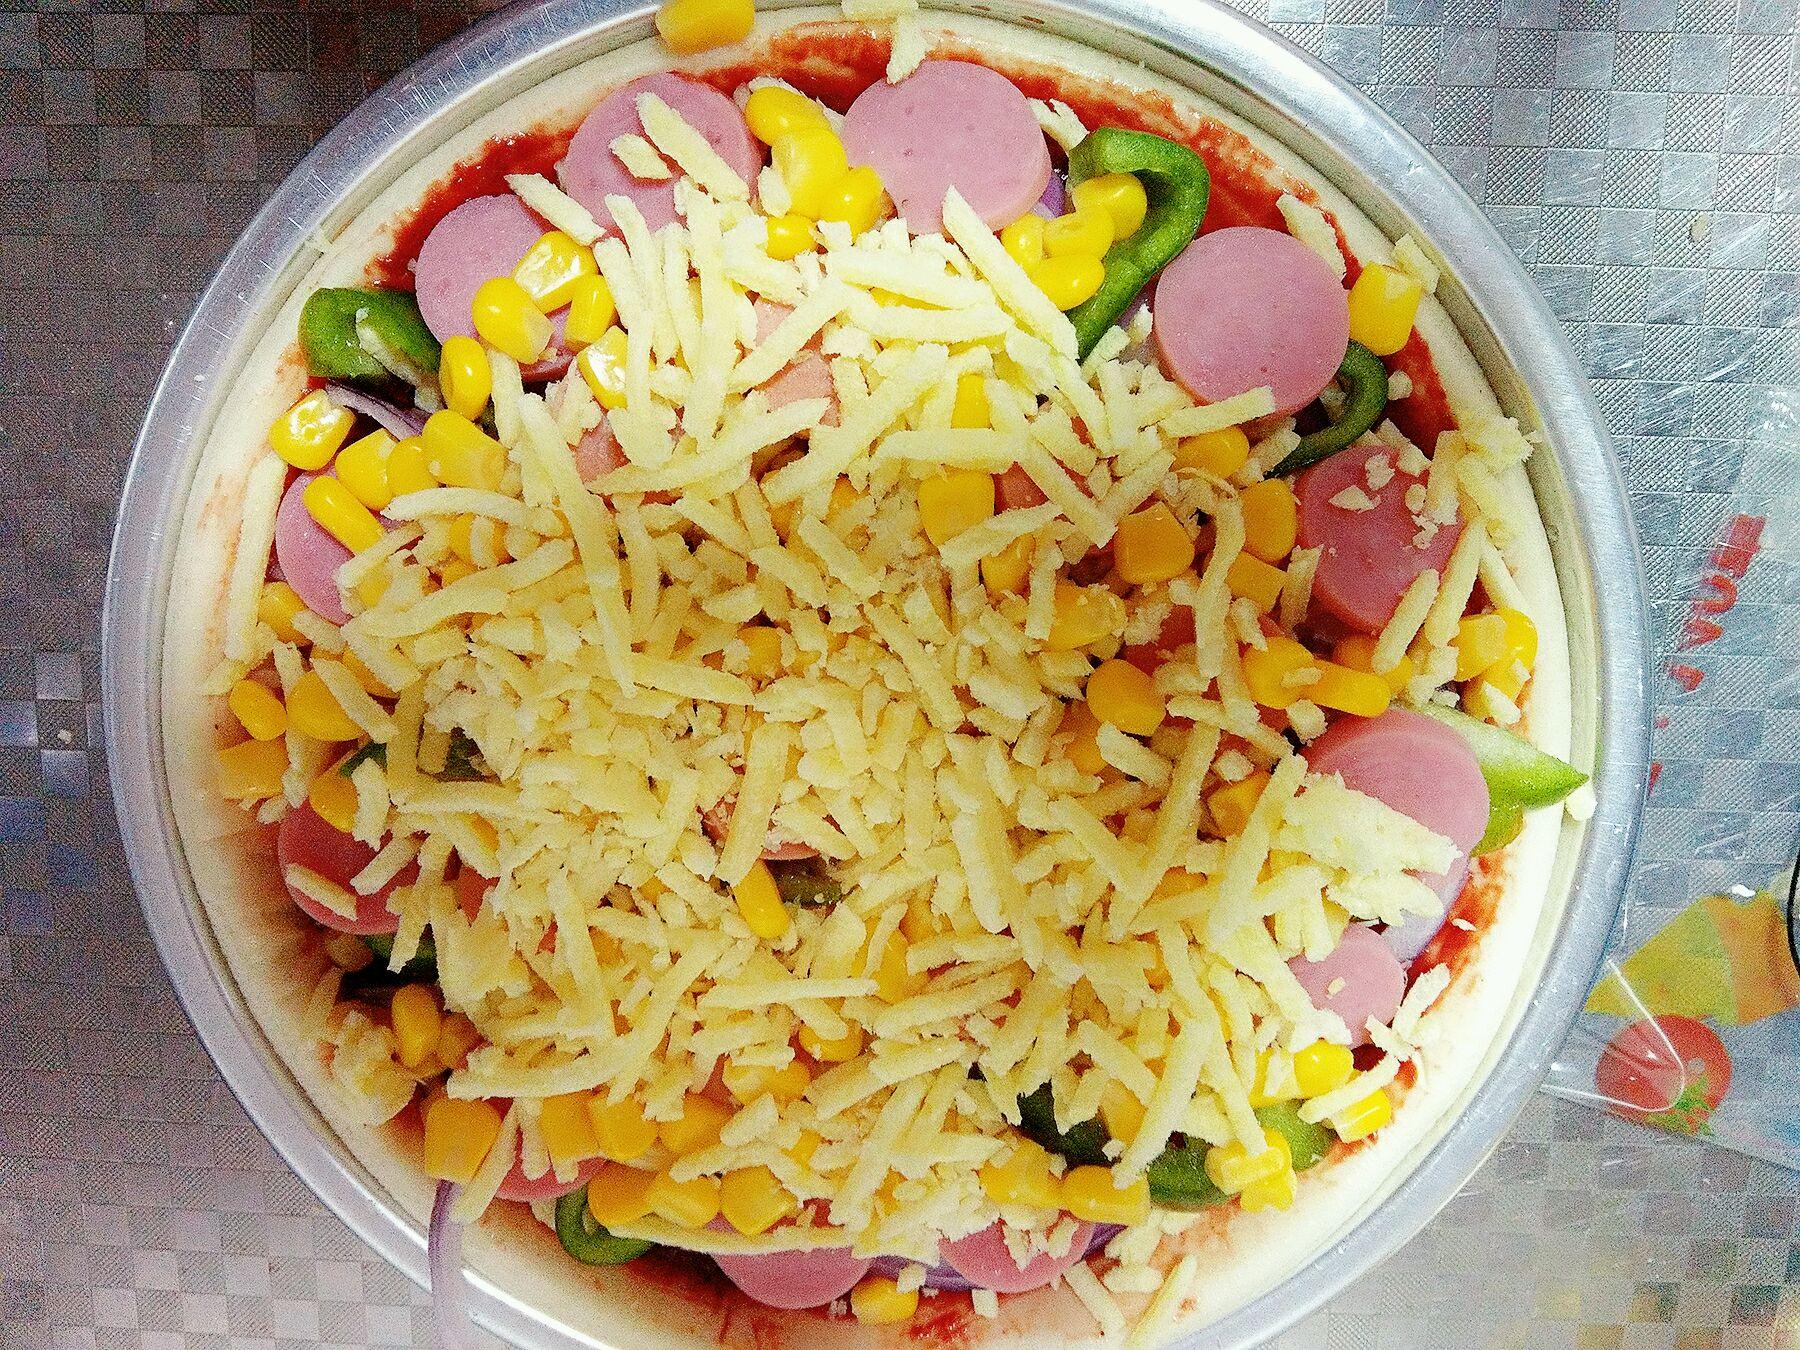 披萨的做法步骤 5. 刷番茄酱厚厚一层